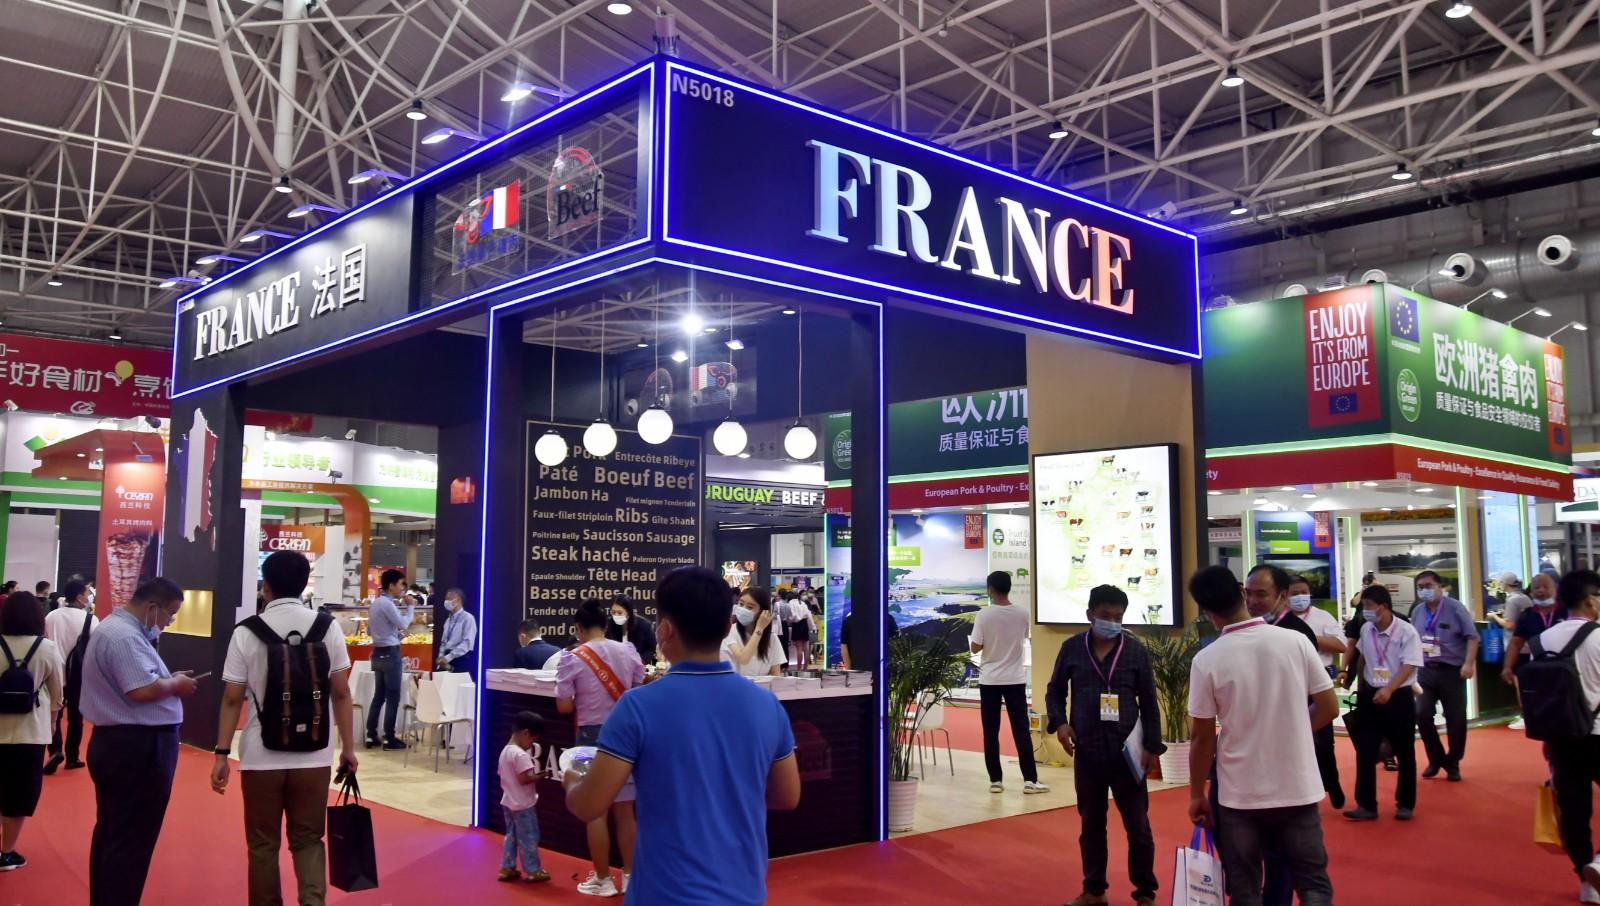 9.来自法国等国家的肉类展区。.jpg